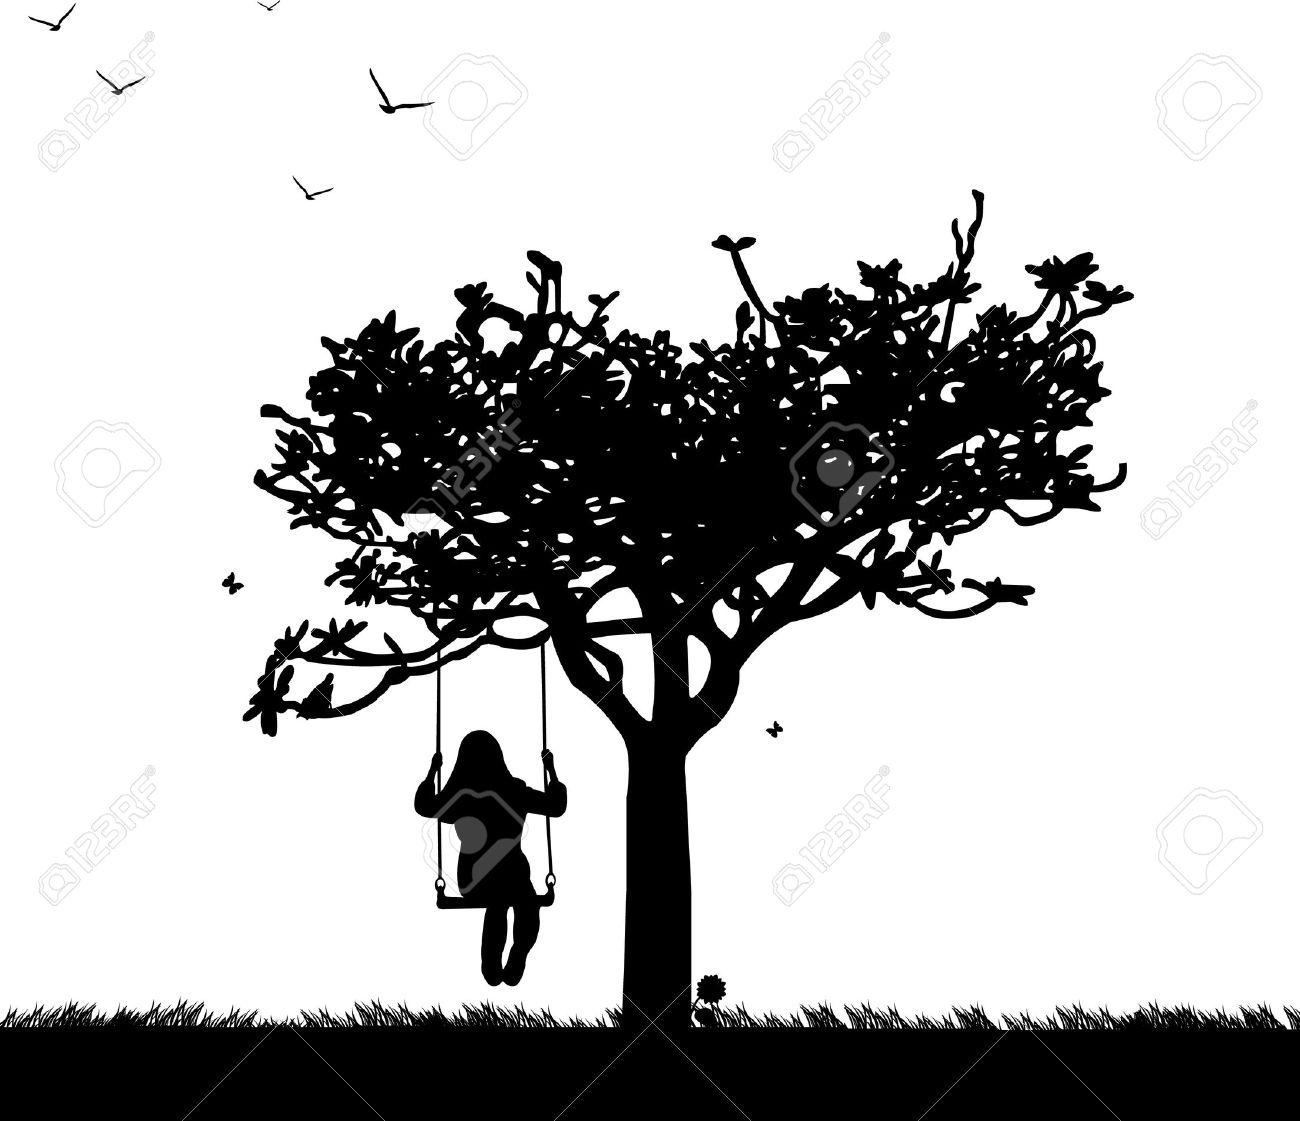 banque dimages fille sur la balanoire dans le parc ou le jardin en silhouette de printemps